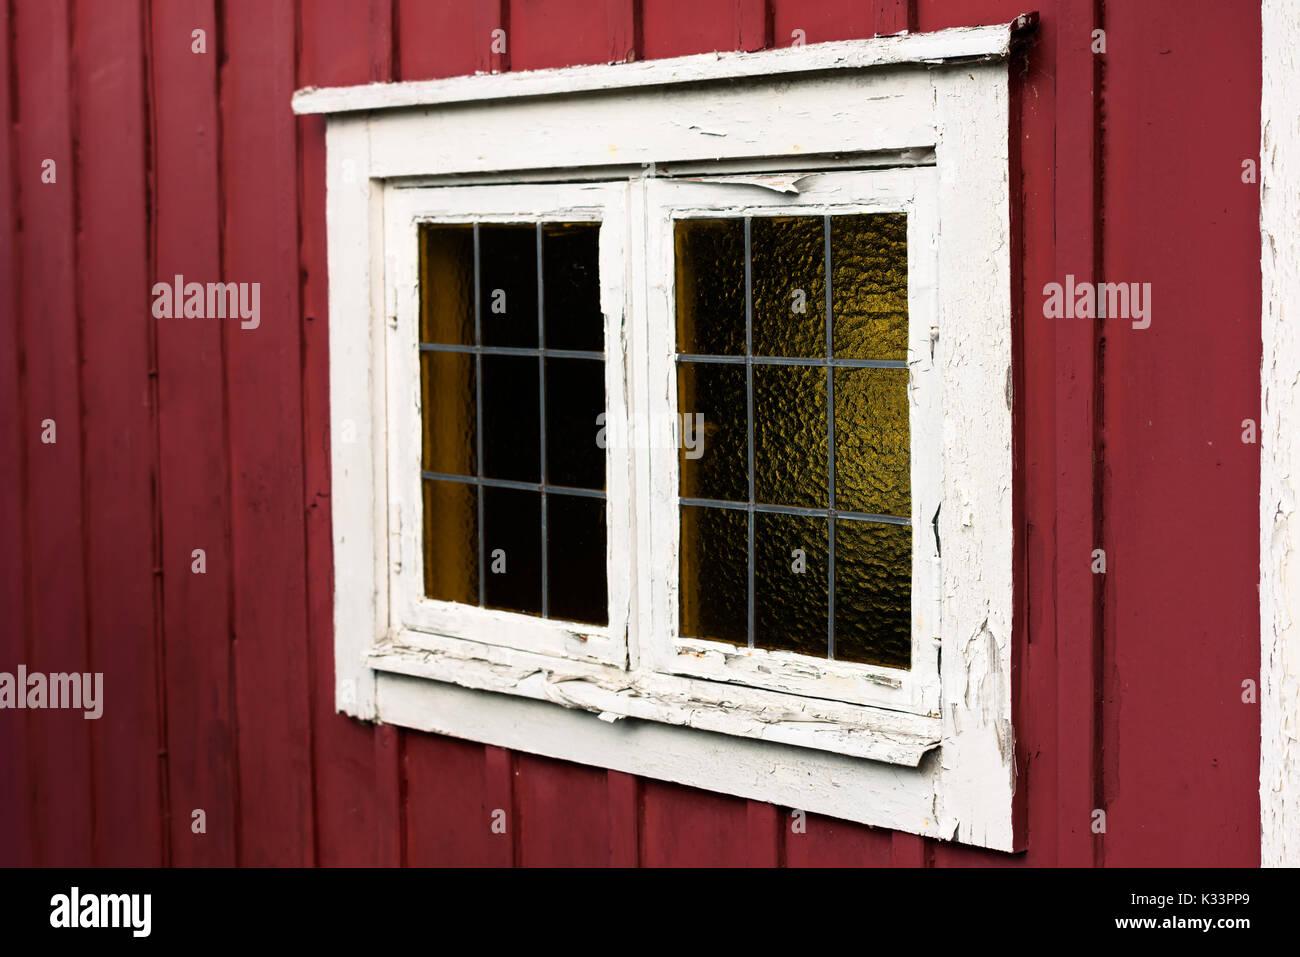 Alte Fenster auf einem roten Häuschen mit weissen Fensterrahmen. Der ...